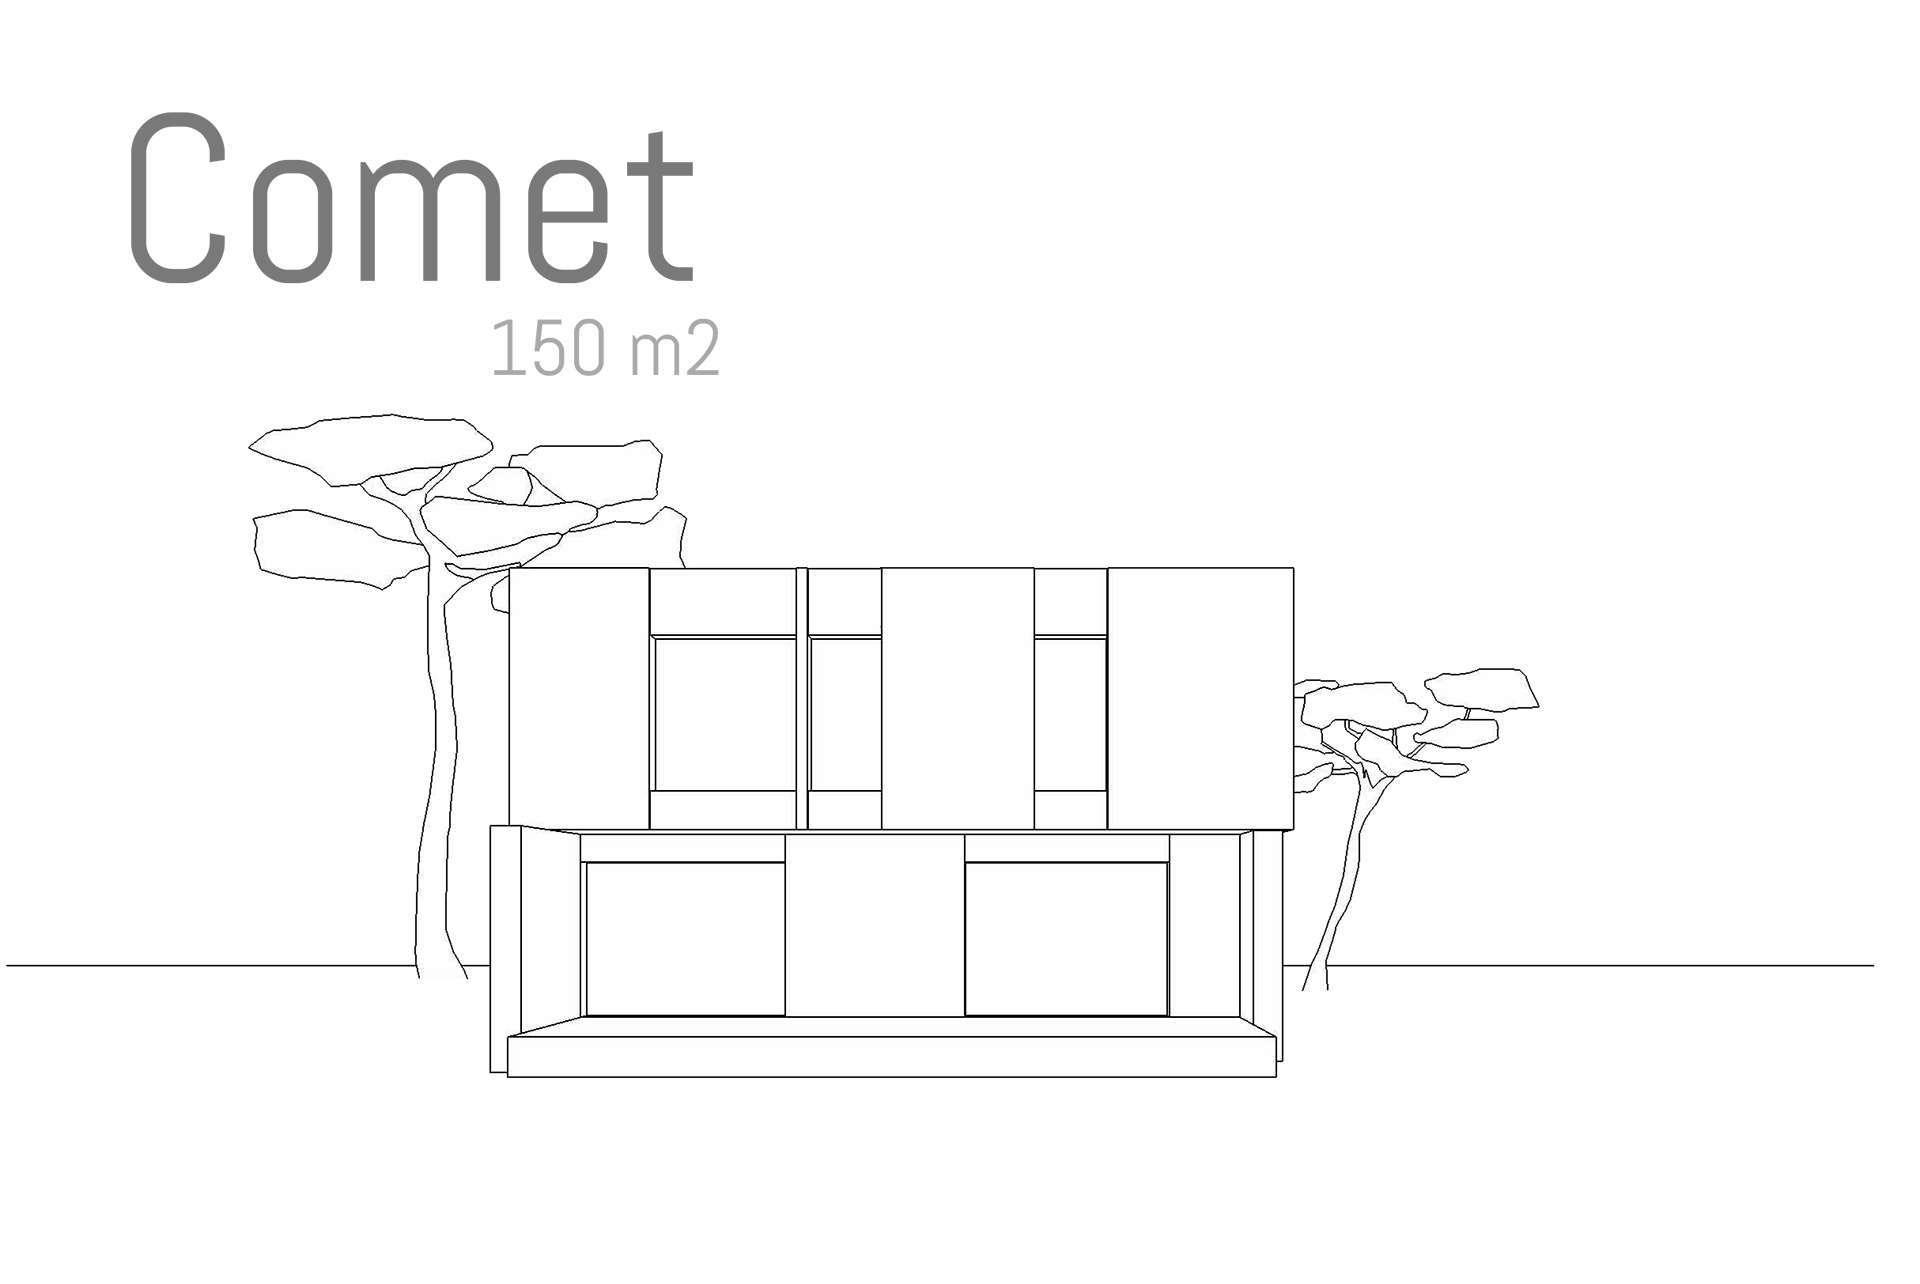 comet popup house. Black Bedroom Furniture Sets. Home Design Ideas